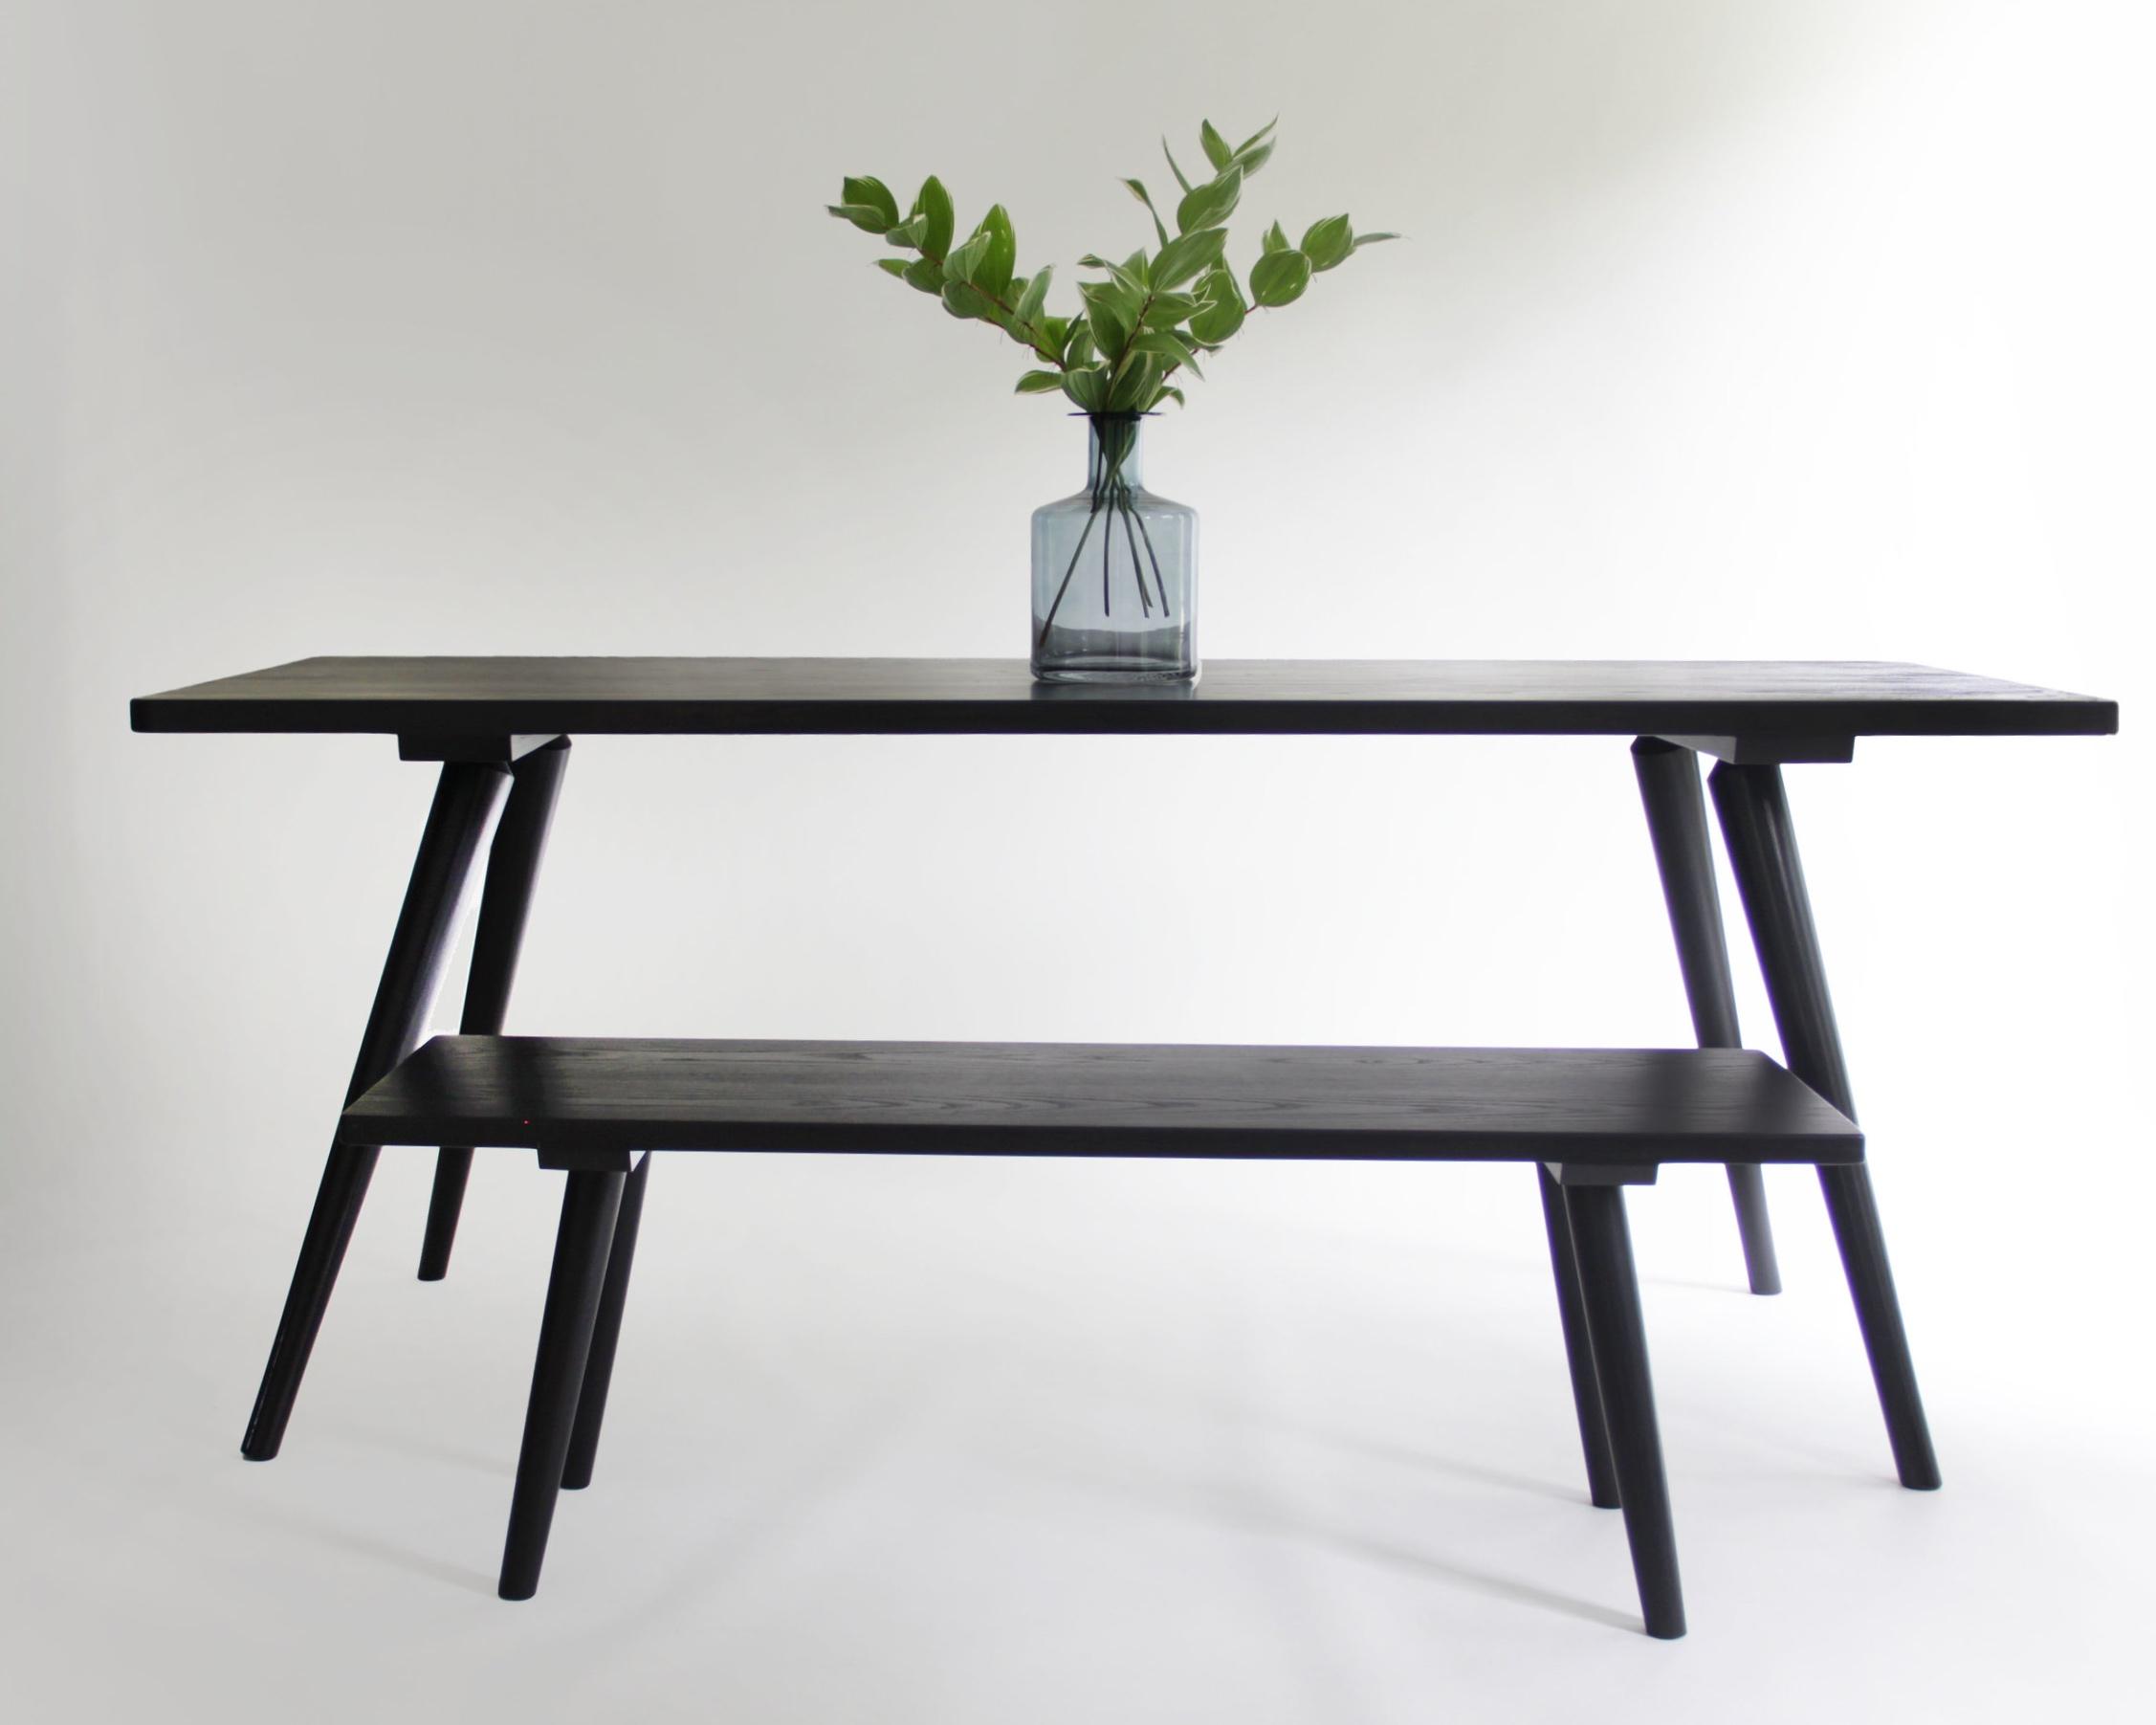 Shaken+Table-1.jpg